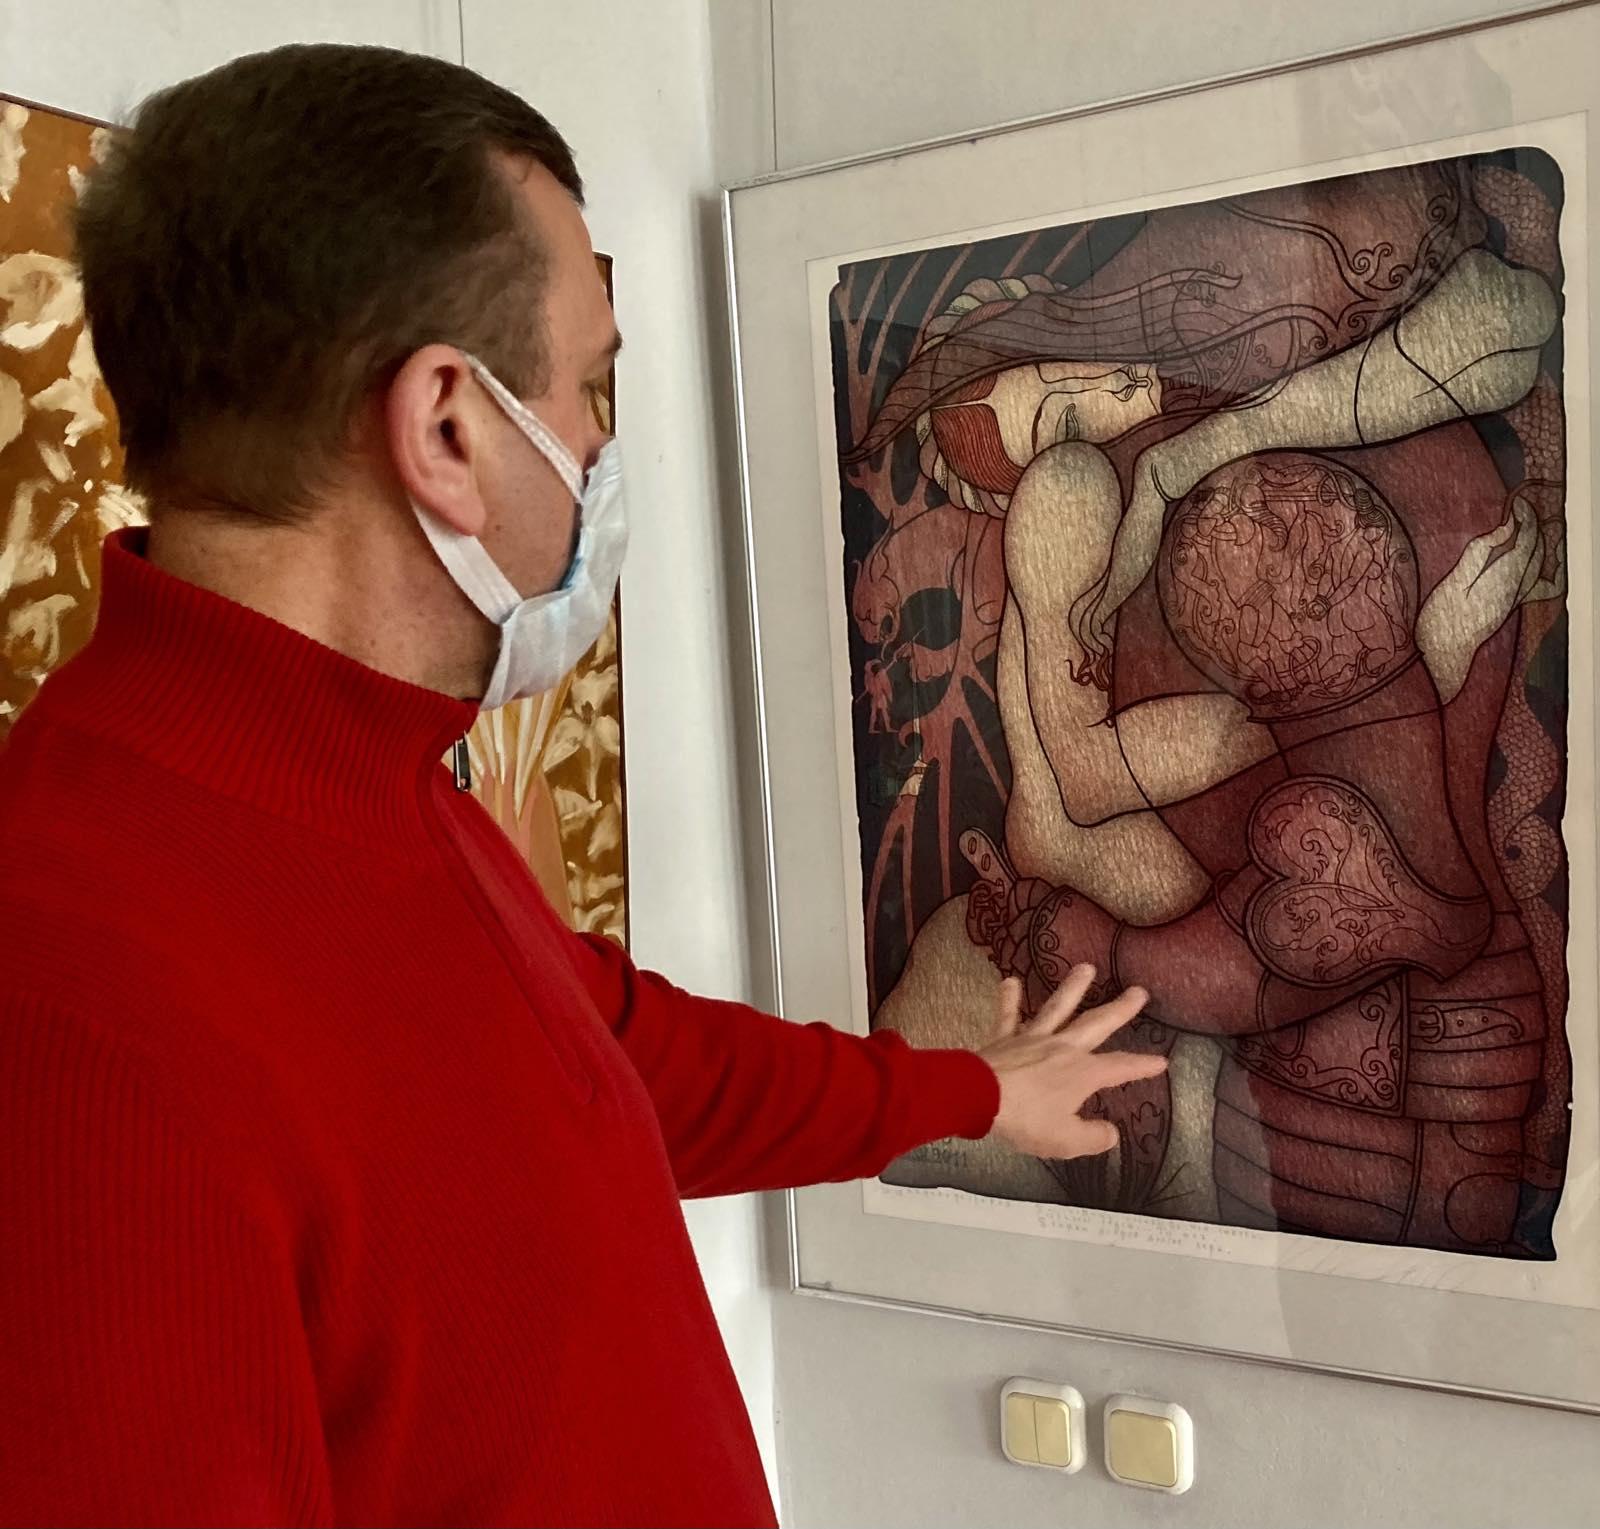 «НЮансы образа»: выставка 16+ в Художественном музее